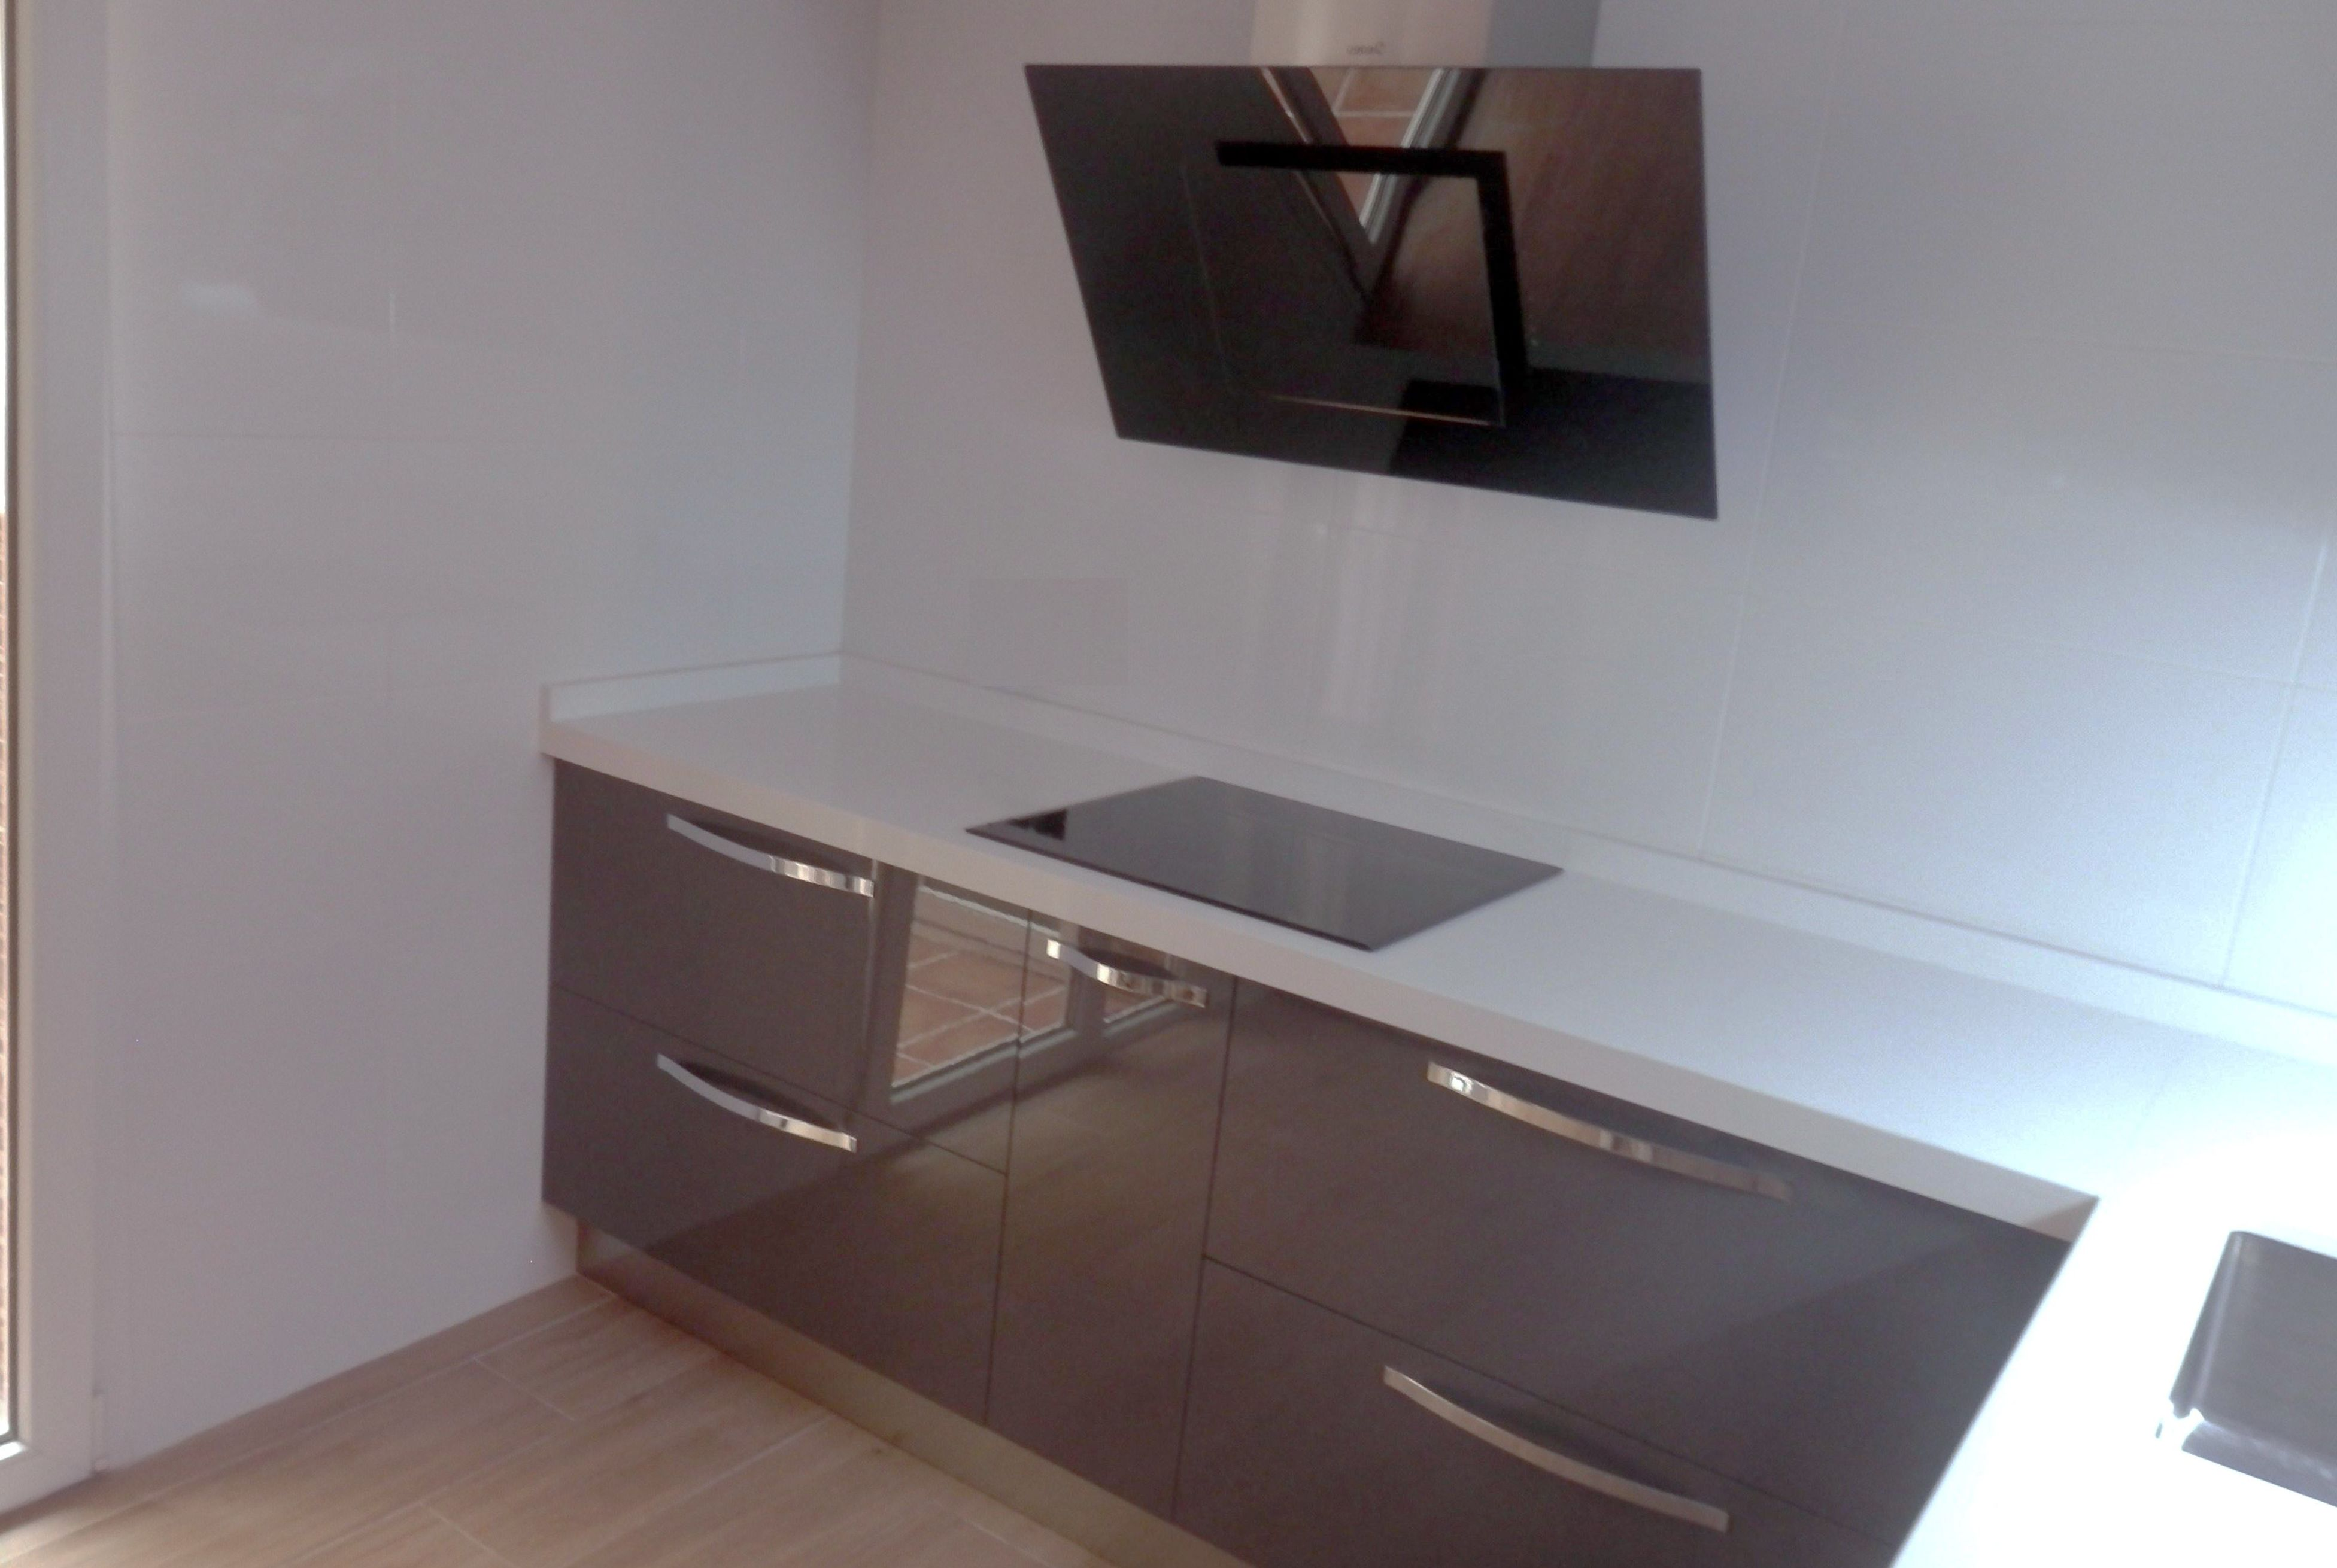 Foto 30 de Muebles de cocina en  | Diseño Cocina